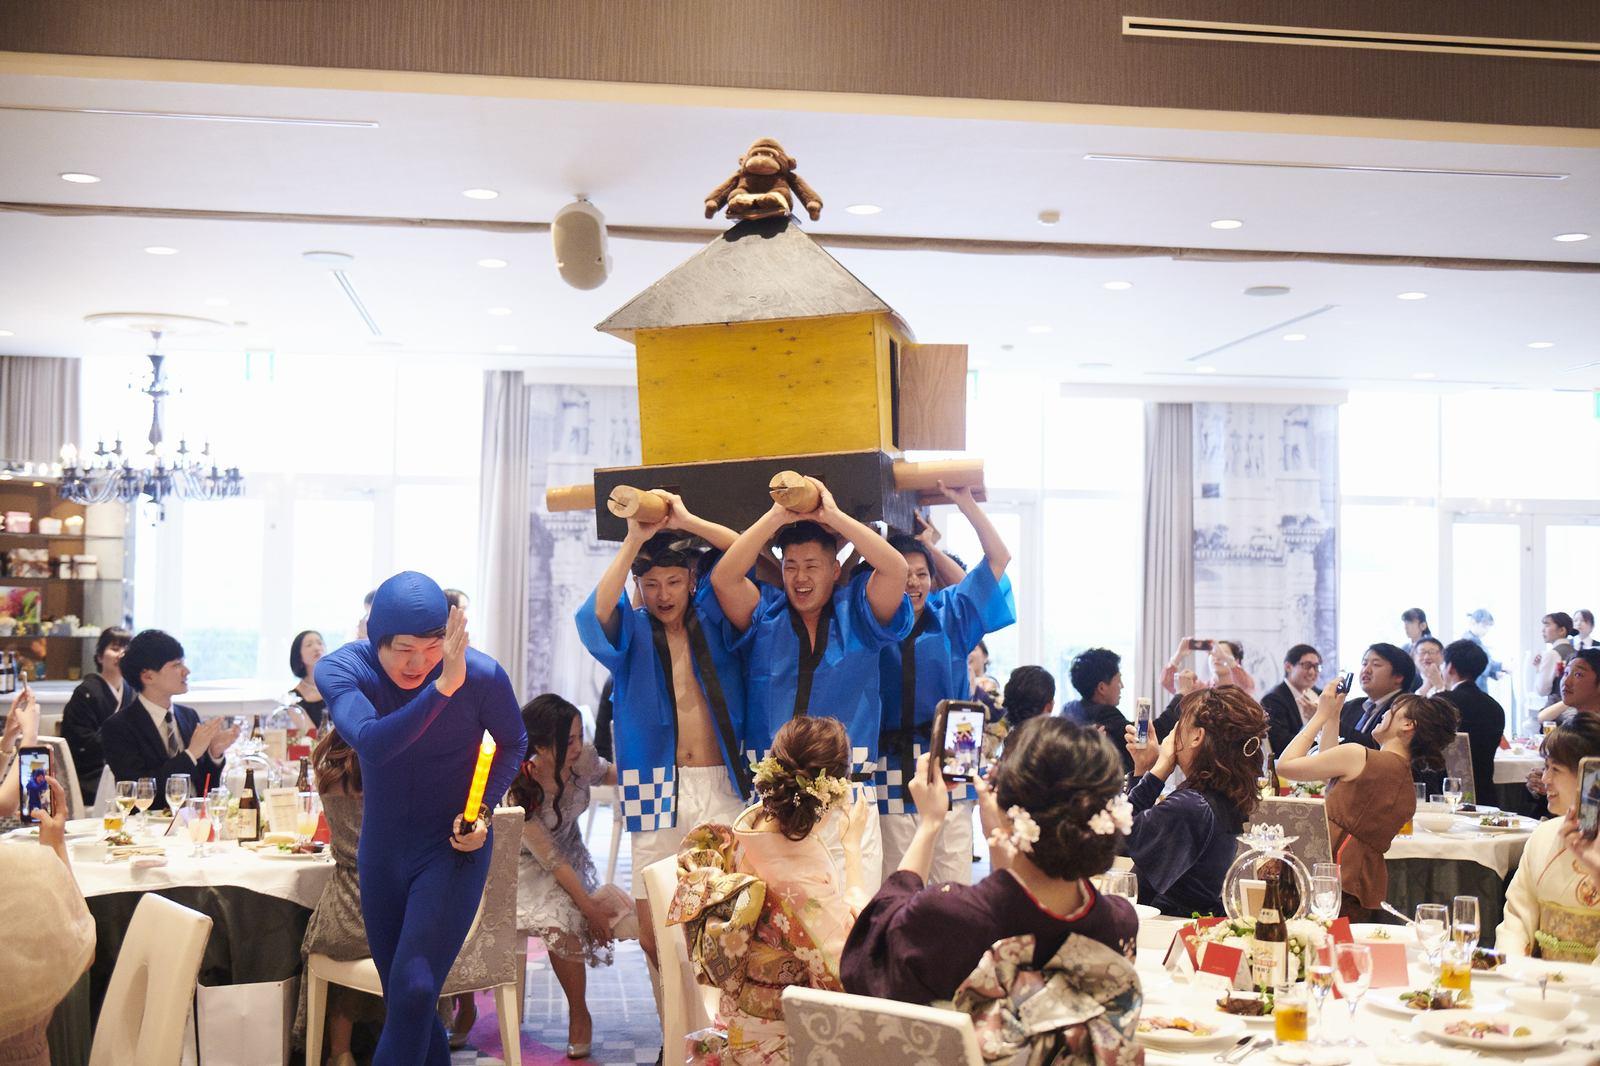 徳島市の結婚式場ブランアンジュでご友人の手作り御神輿